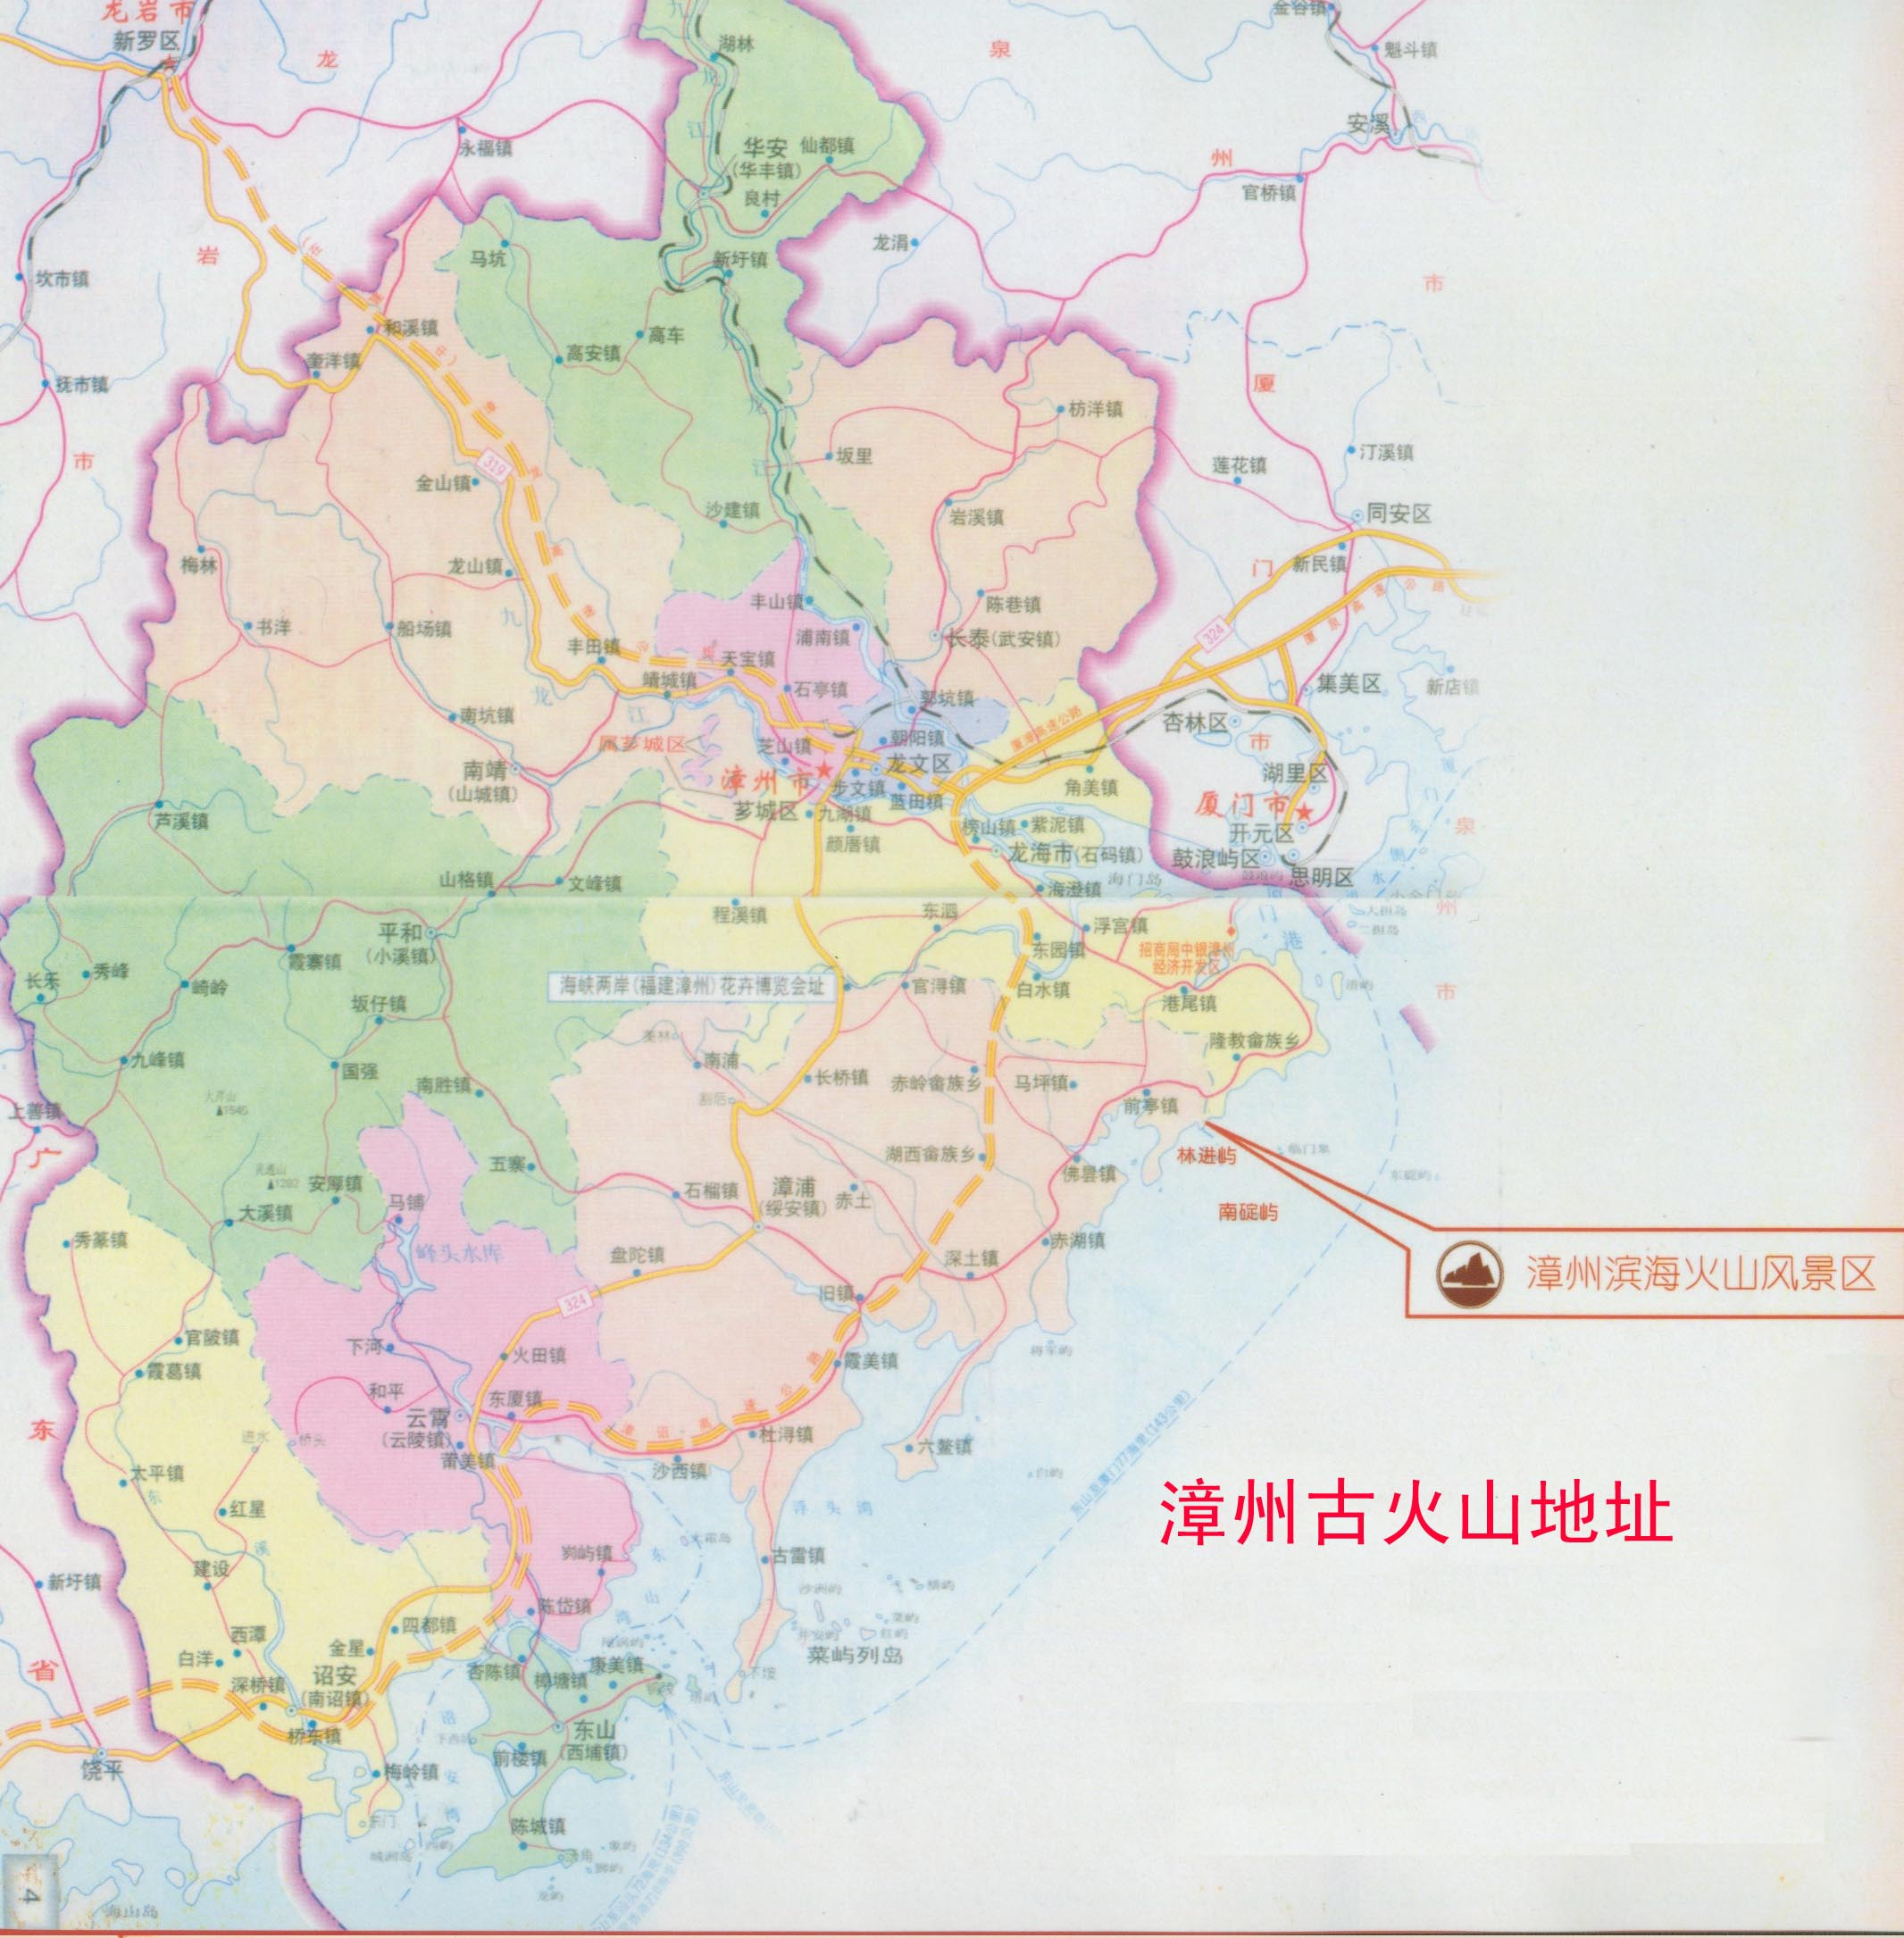 漳州古火山_漳州地图查询